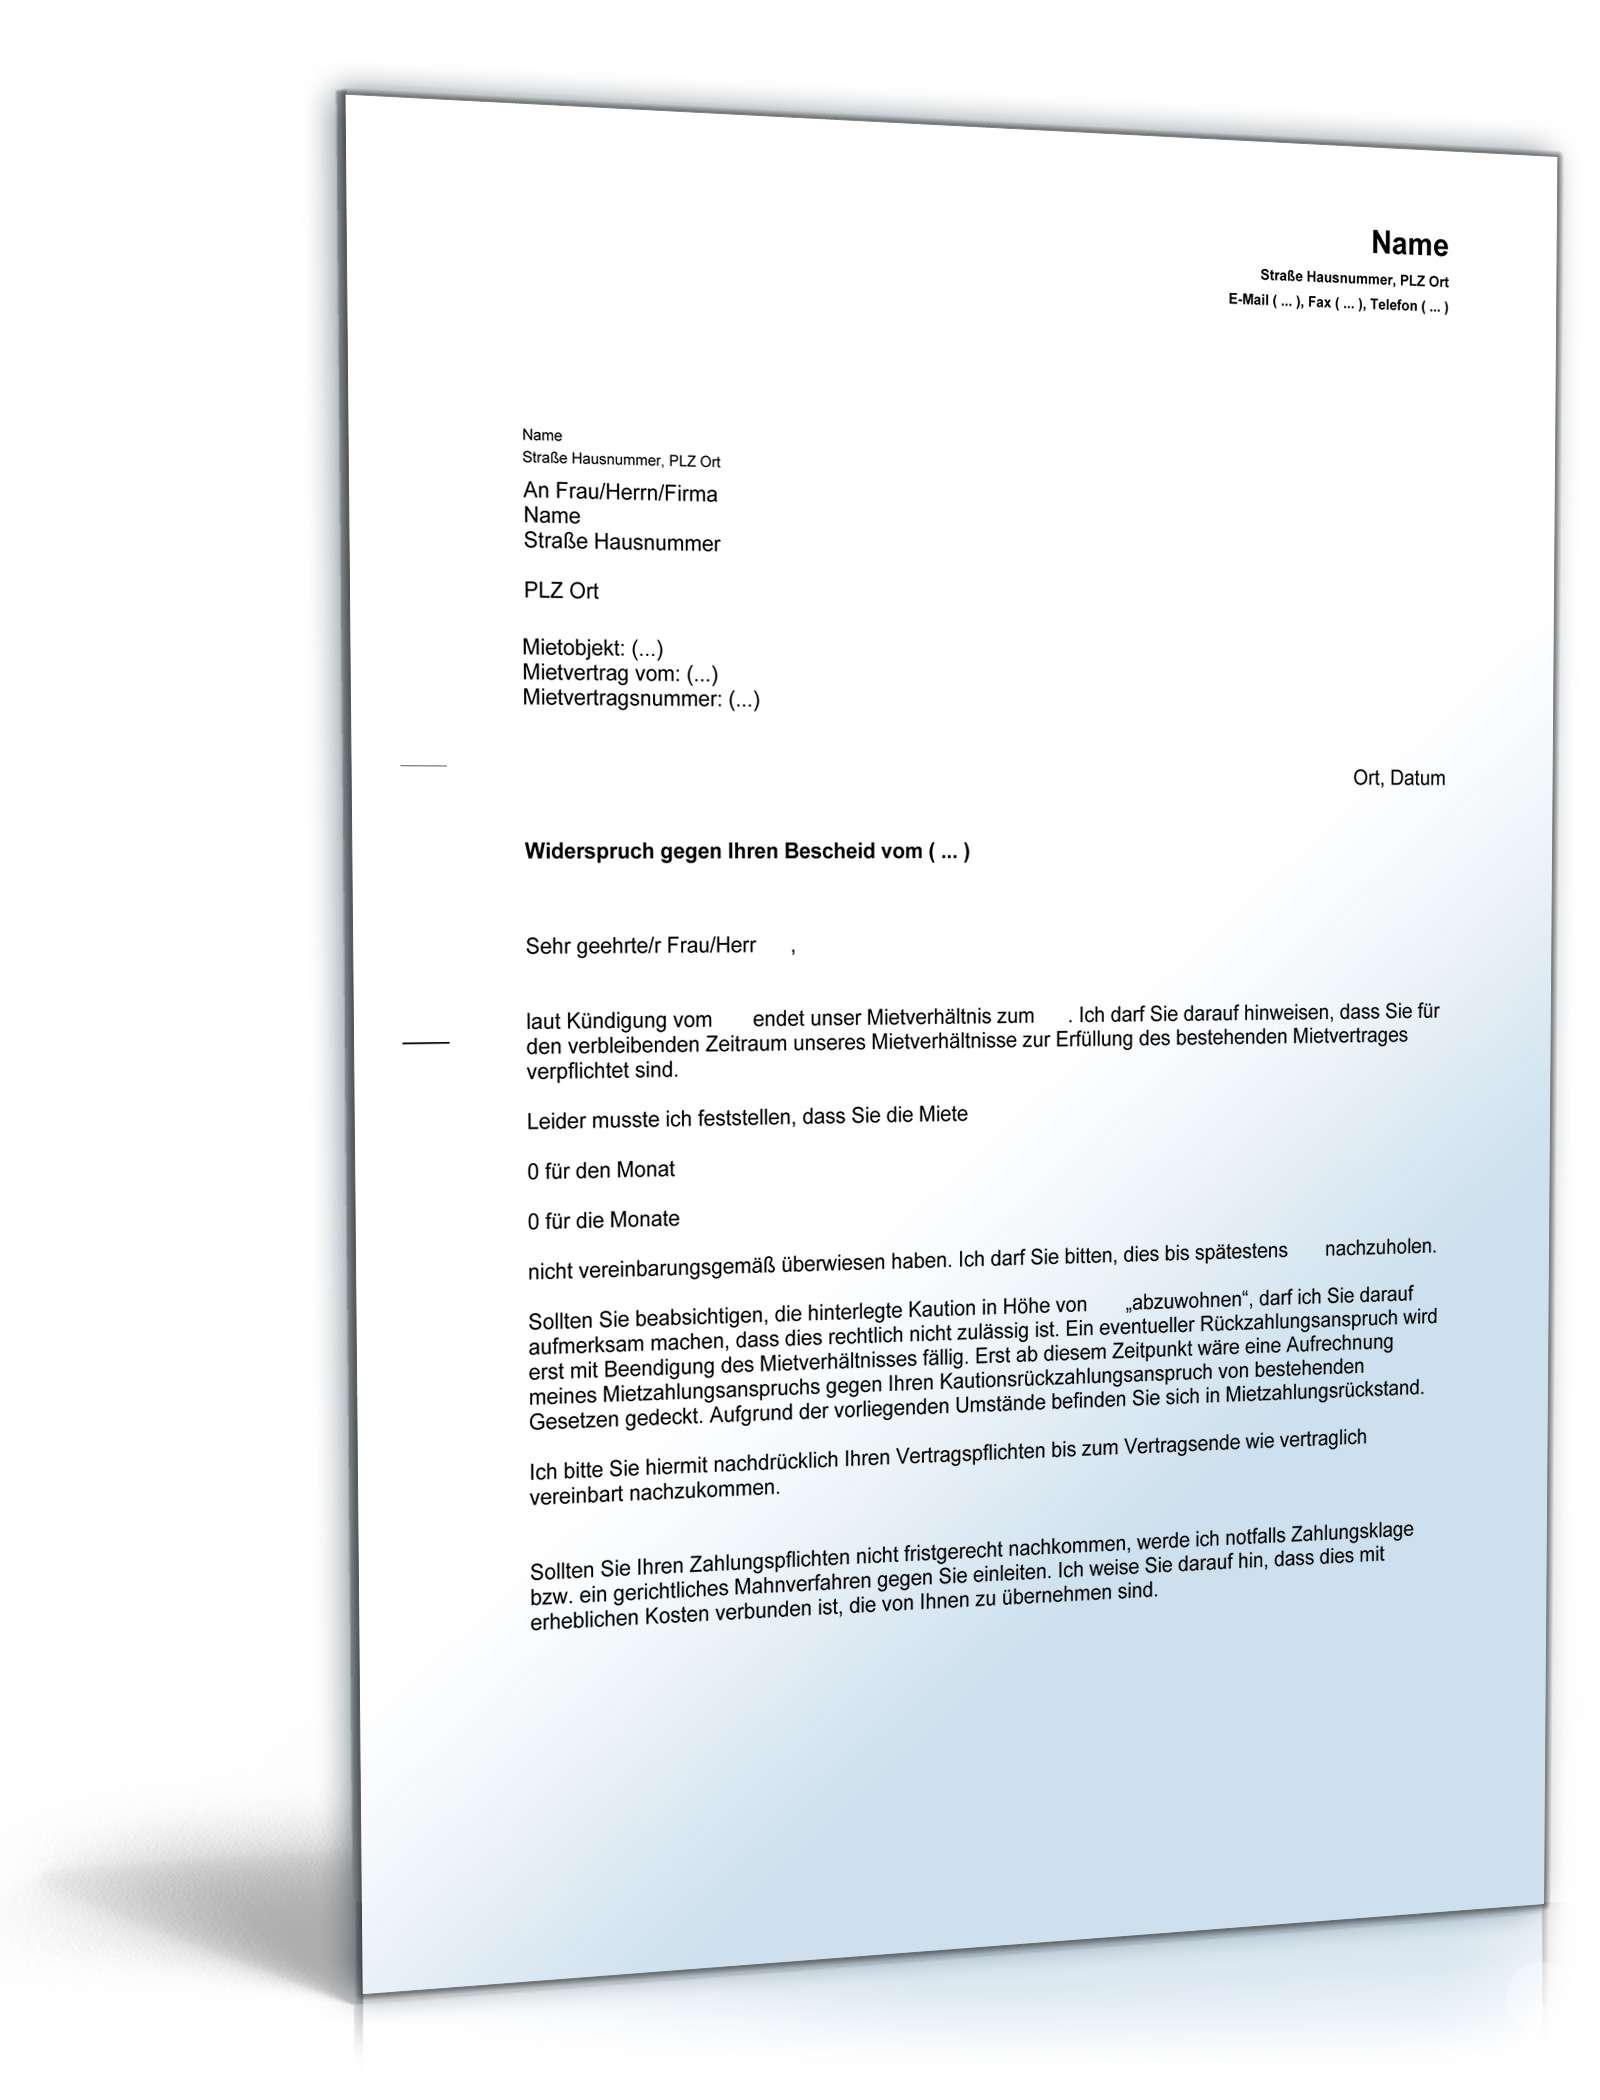 Abmahnung Abwohnen Kaution Vorlage Zum Download